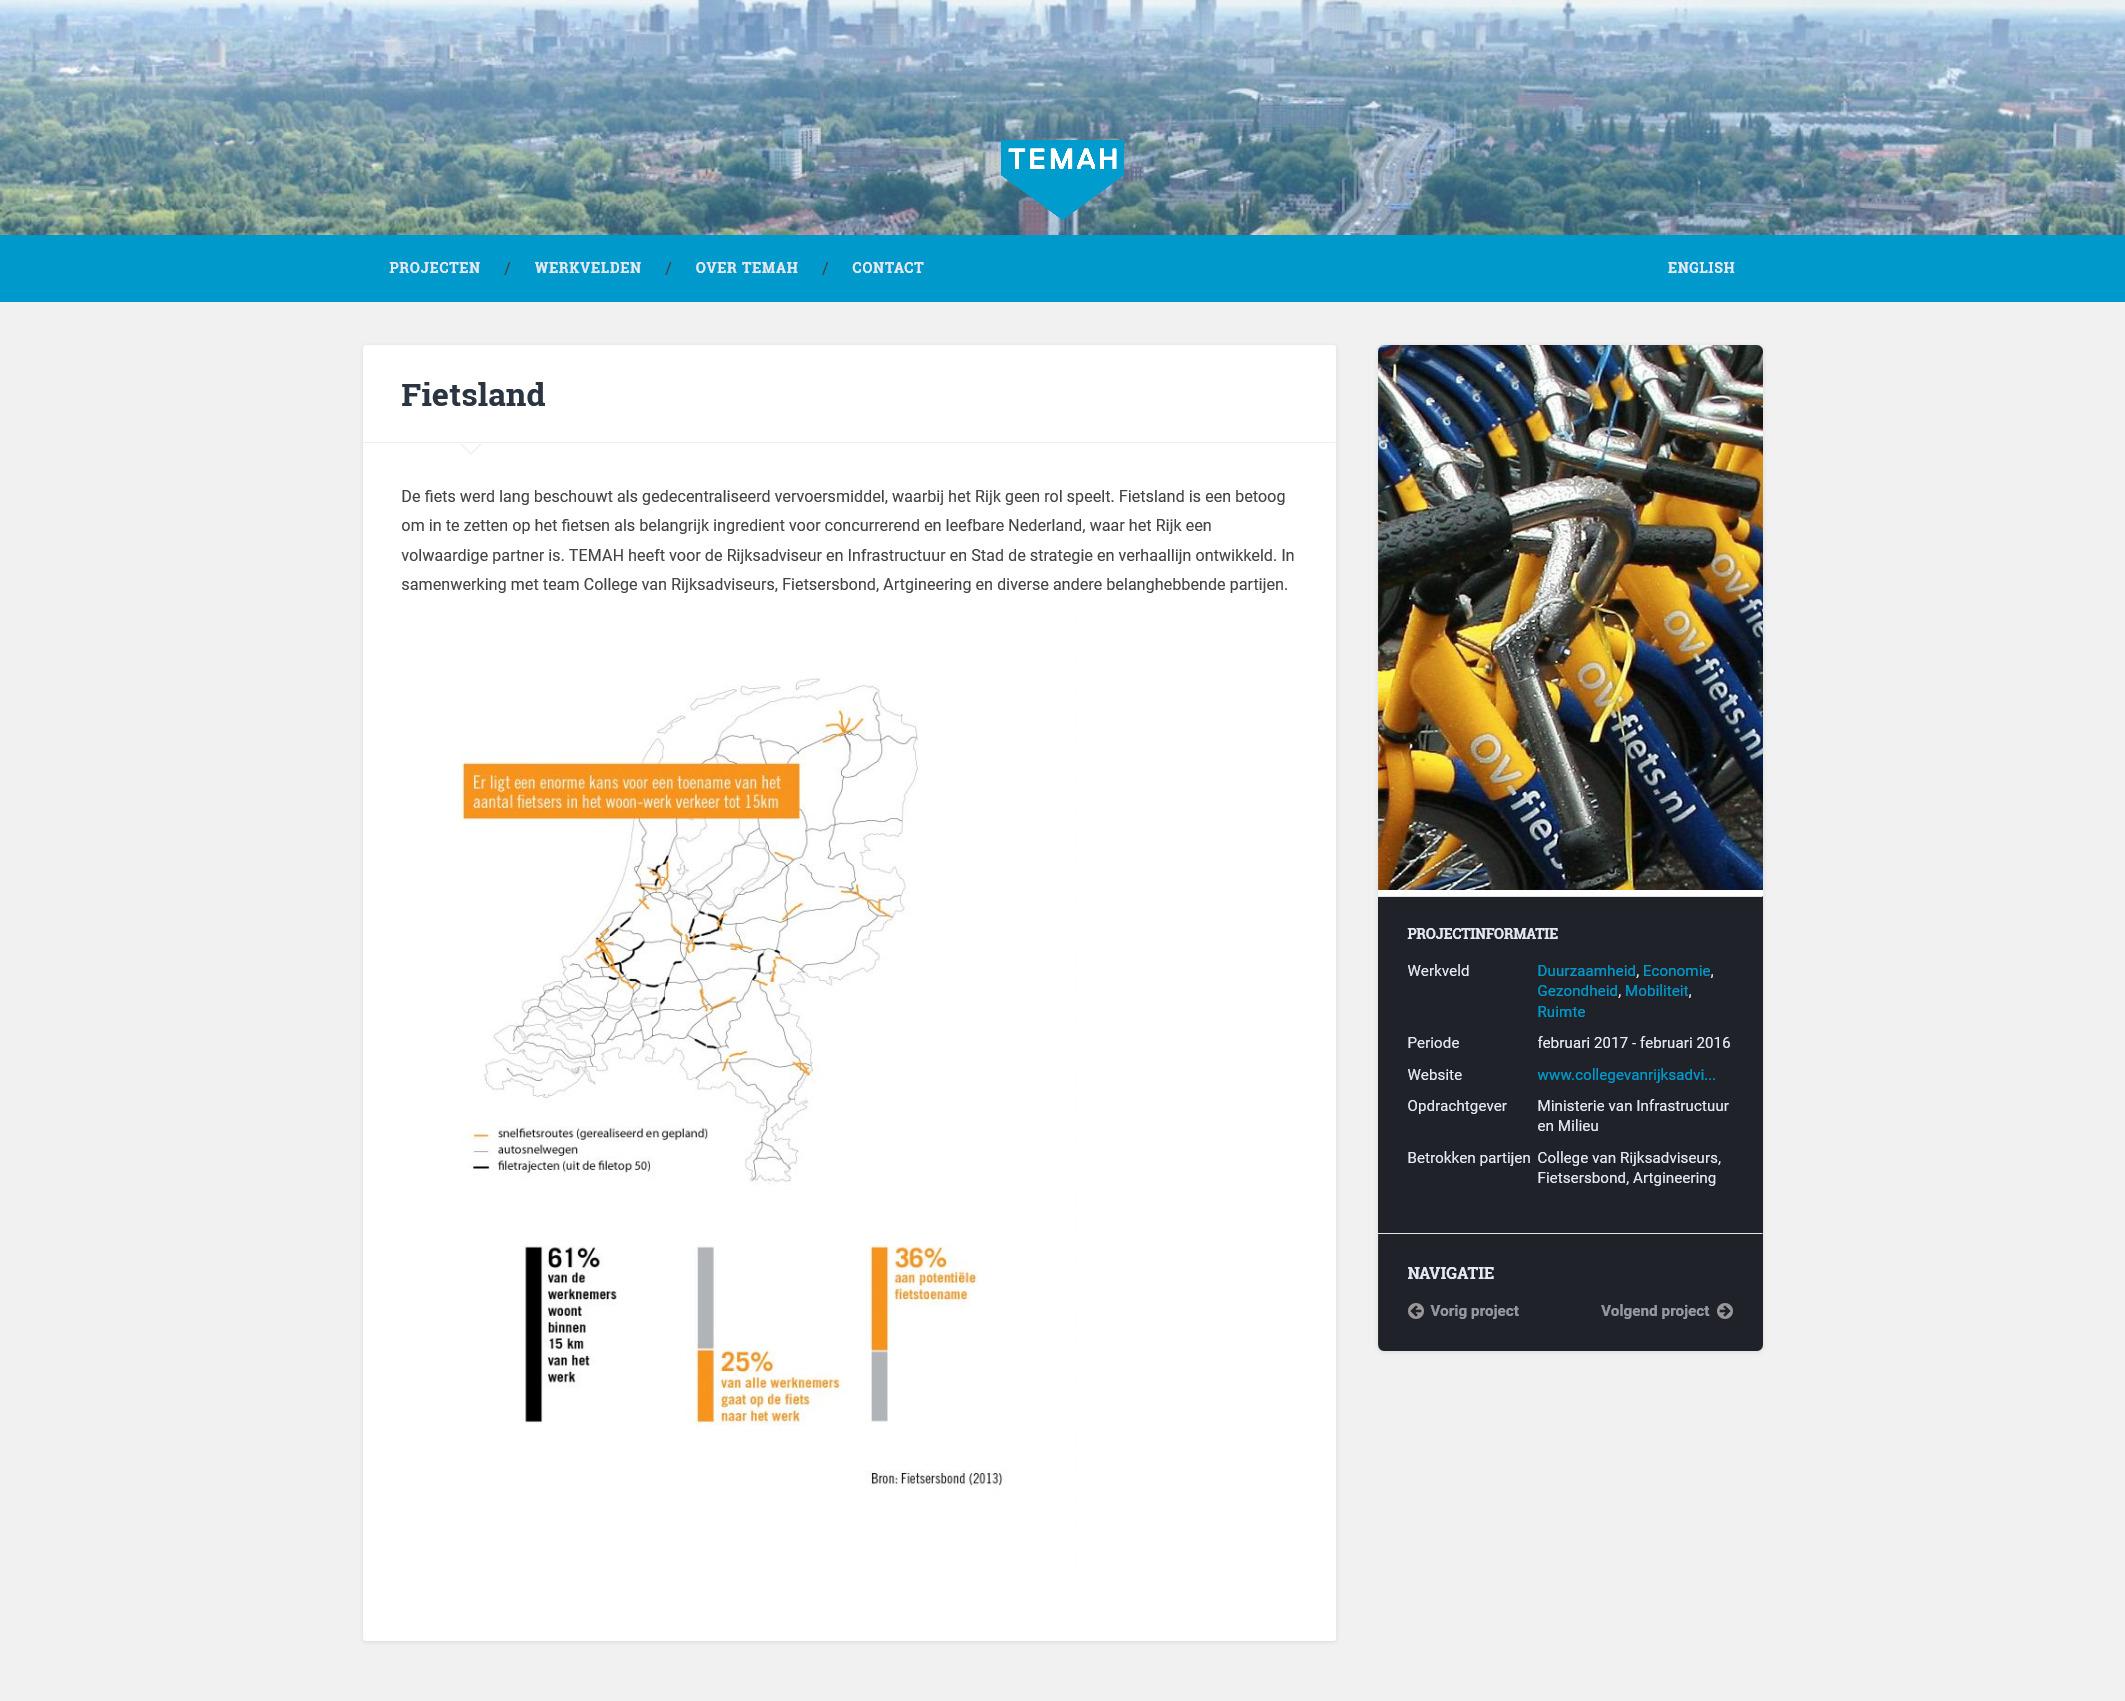 Projectpagina op de website van TEMAH